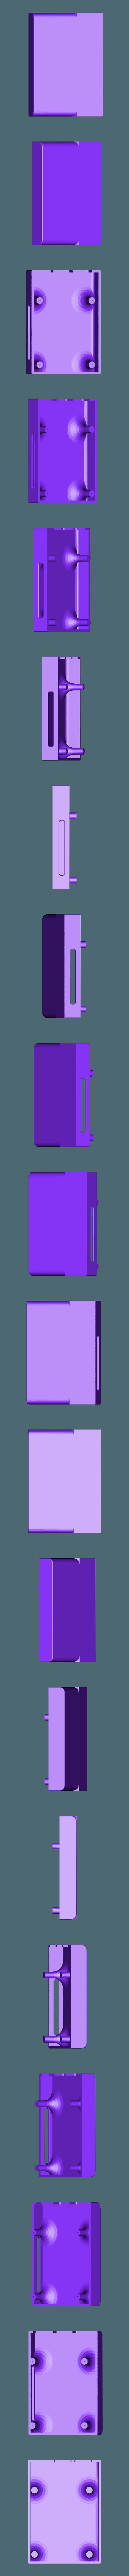 ARRIBA_ZX.stl Télécharger fichier STL gratuit SINCLAIR ZX Spectre V1.0 • Modèle imprimable en 3D, EugenioFructuoso